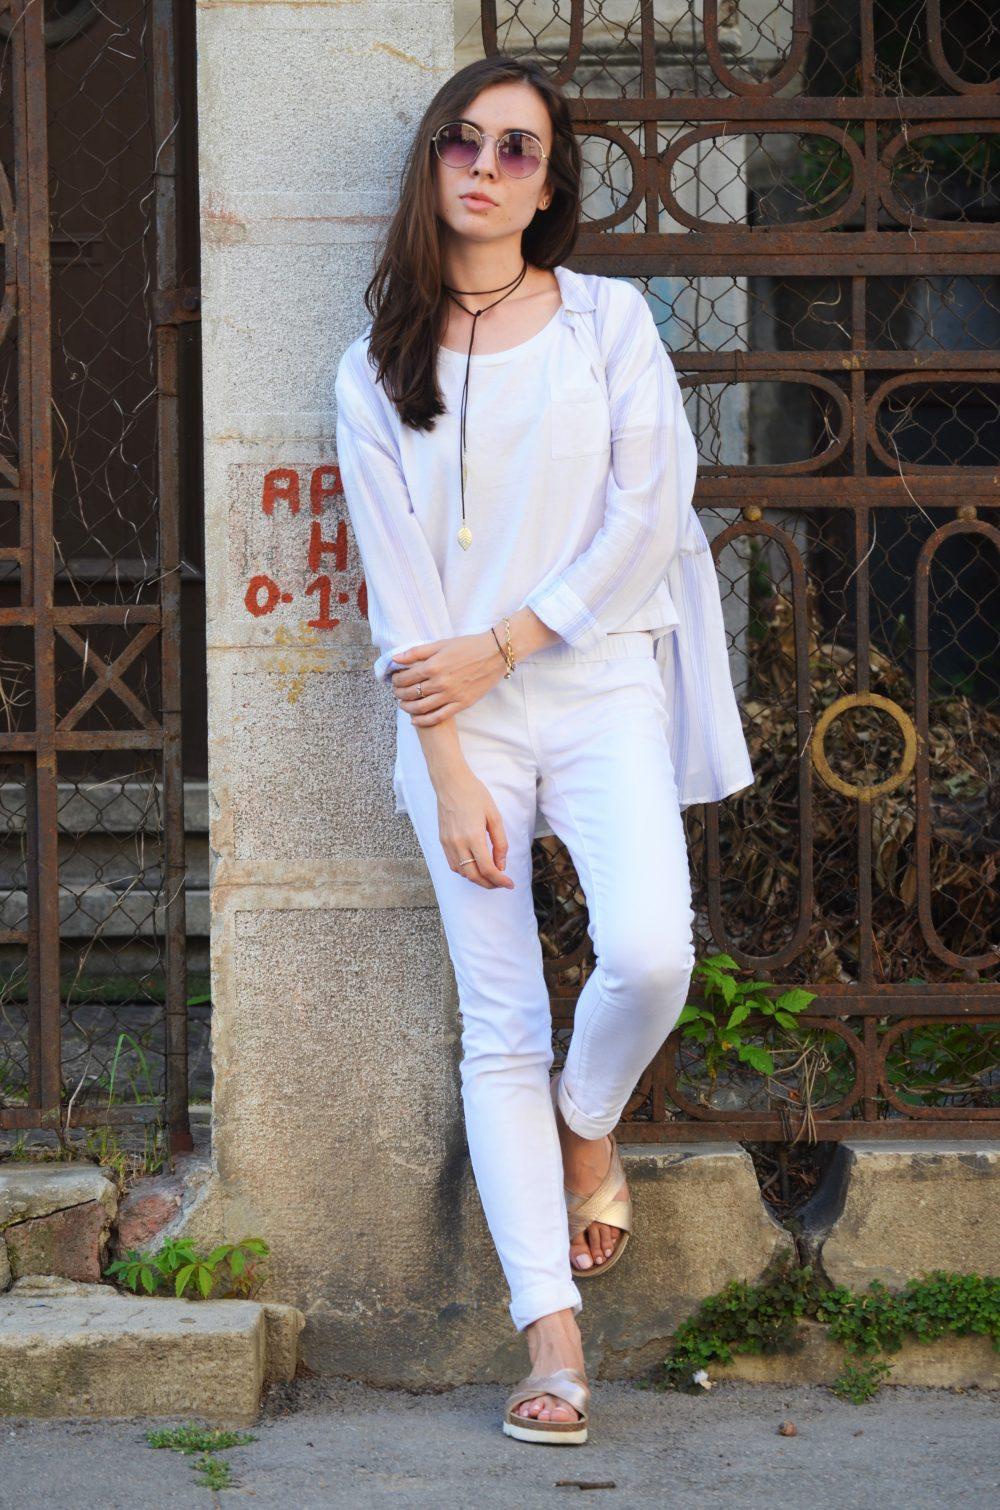 qonique-white-outfit-4